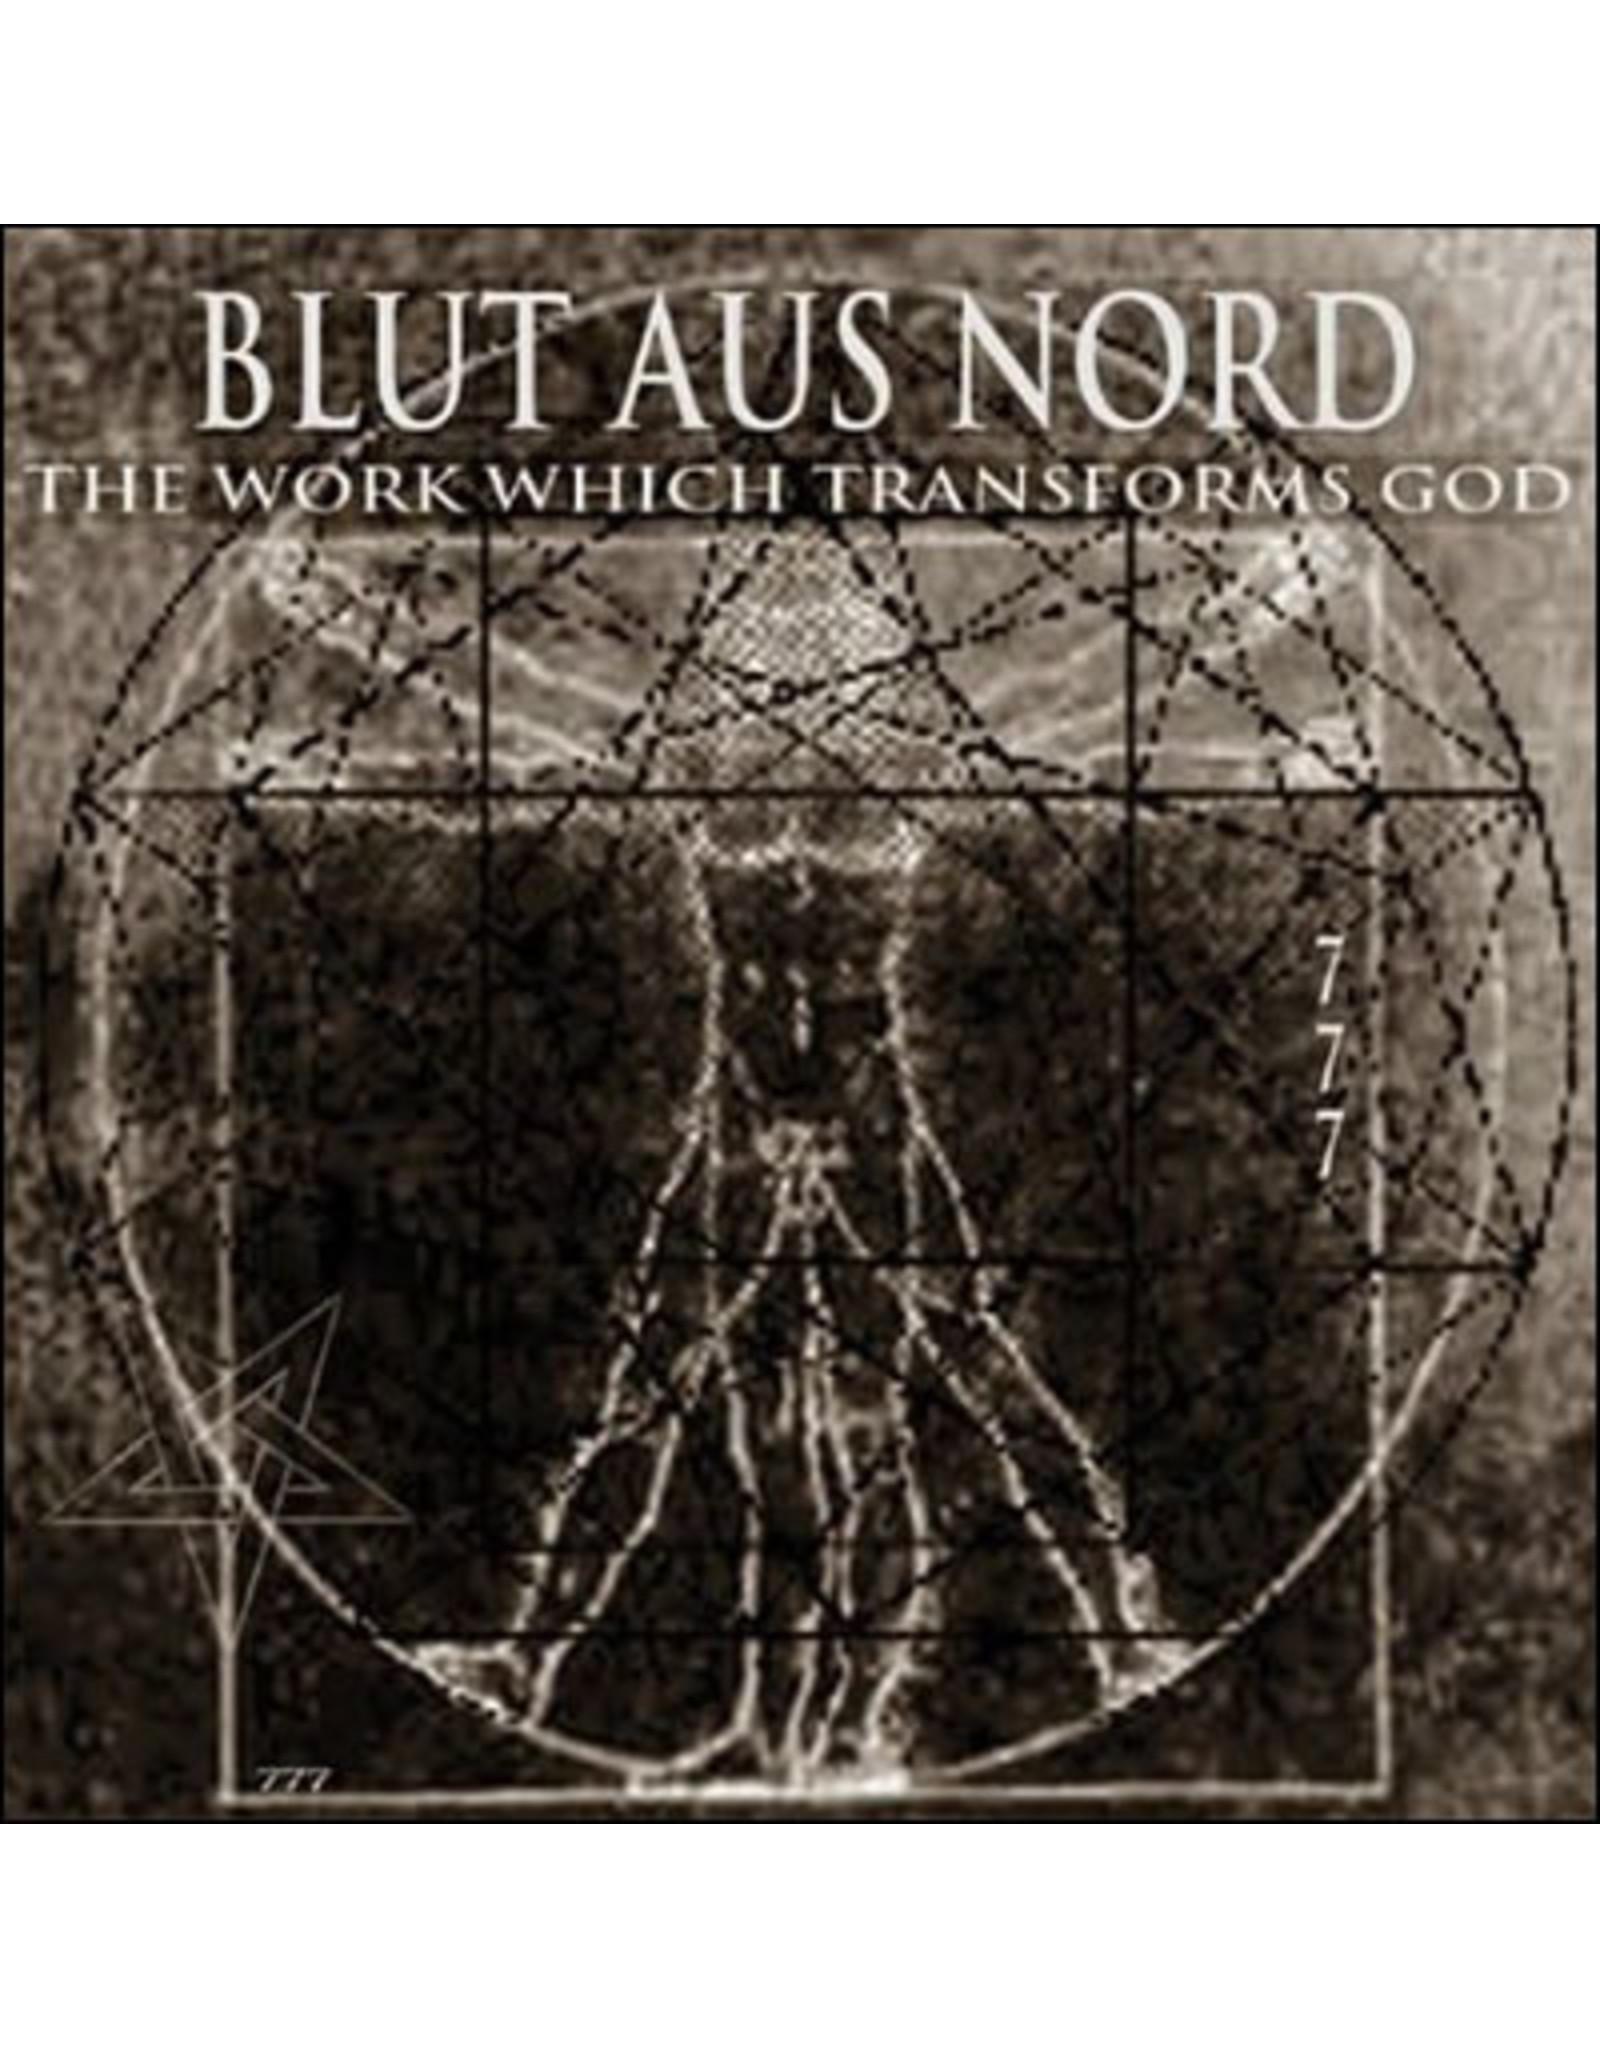 New Vinyl Blut Aus Nord - The Work Which Transforms God LP